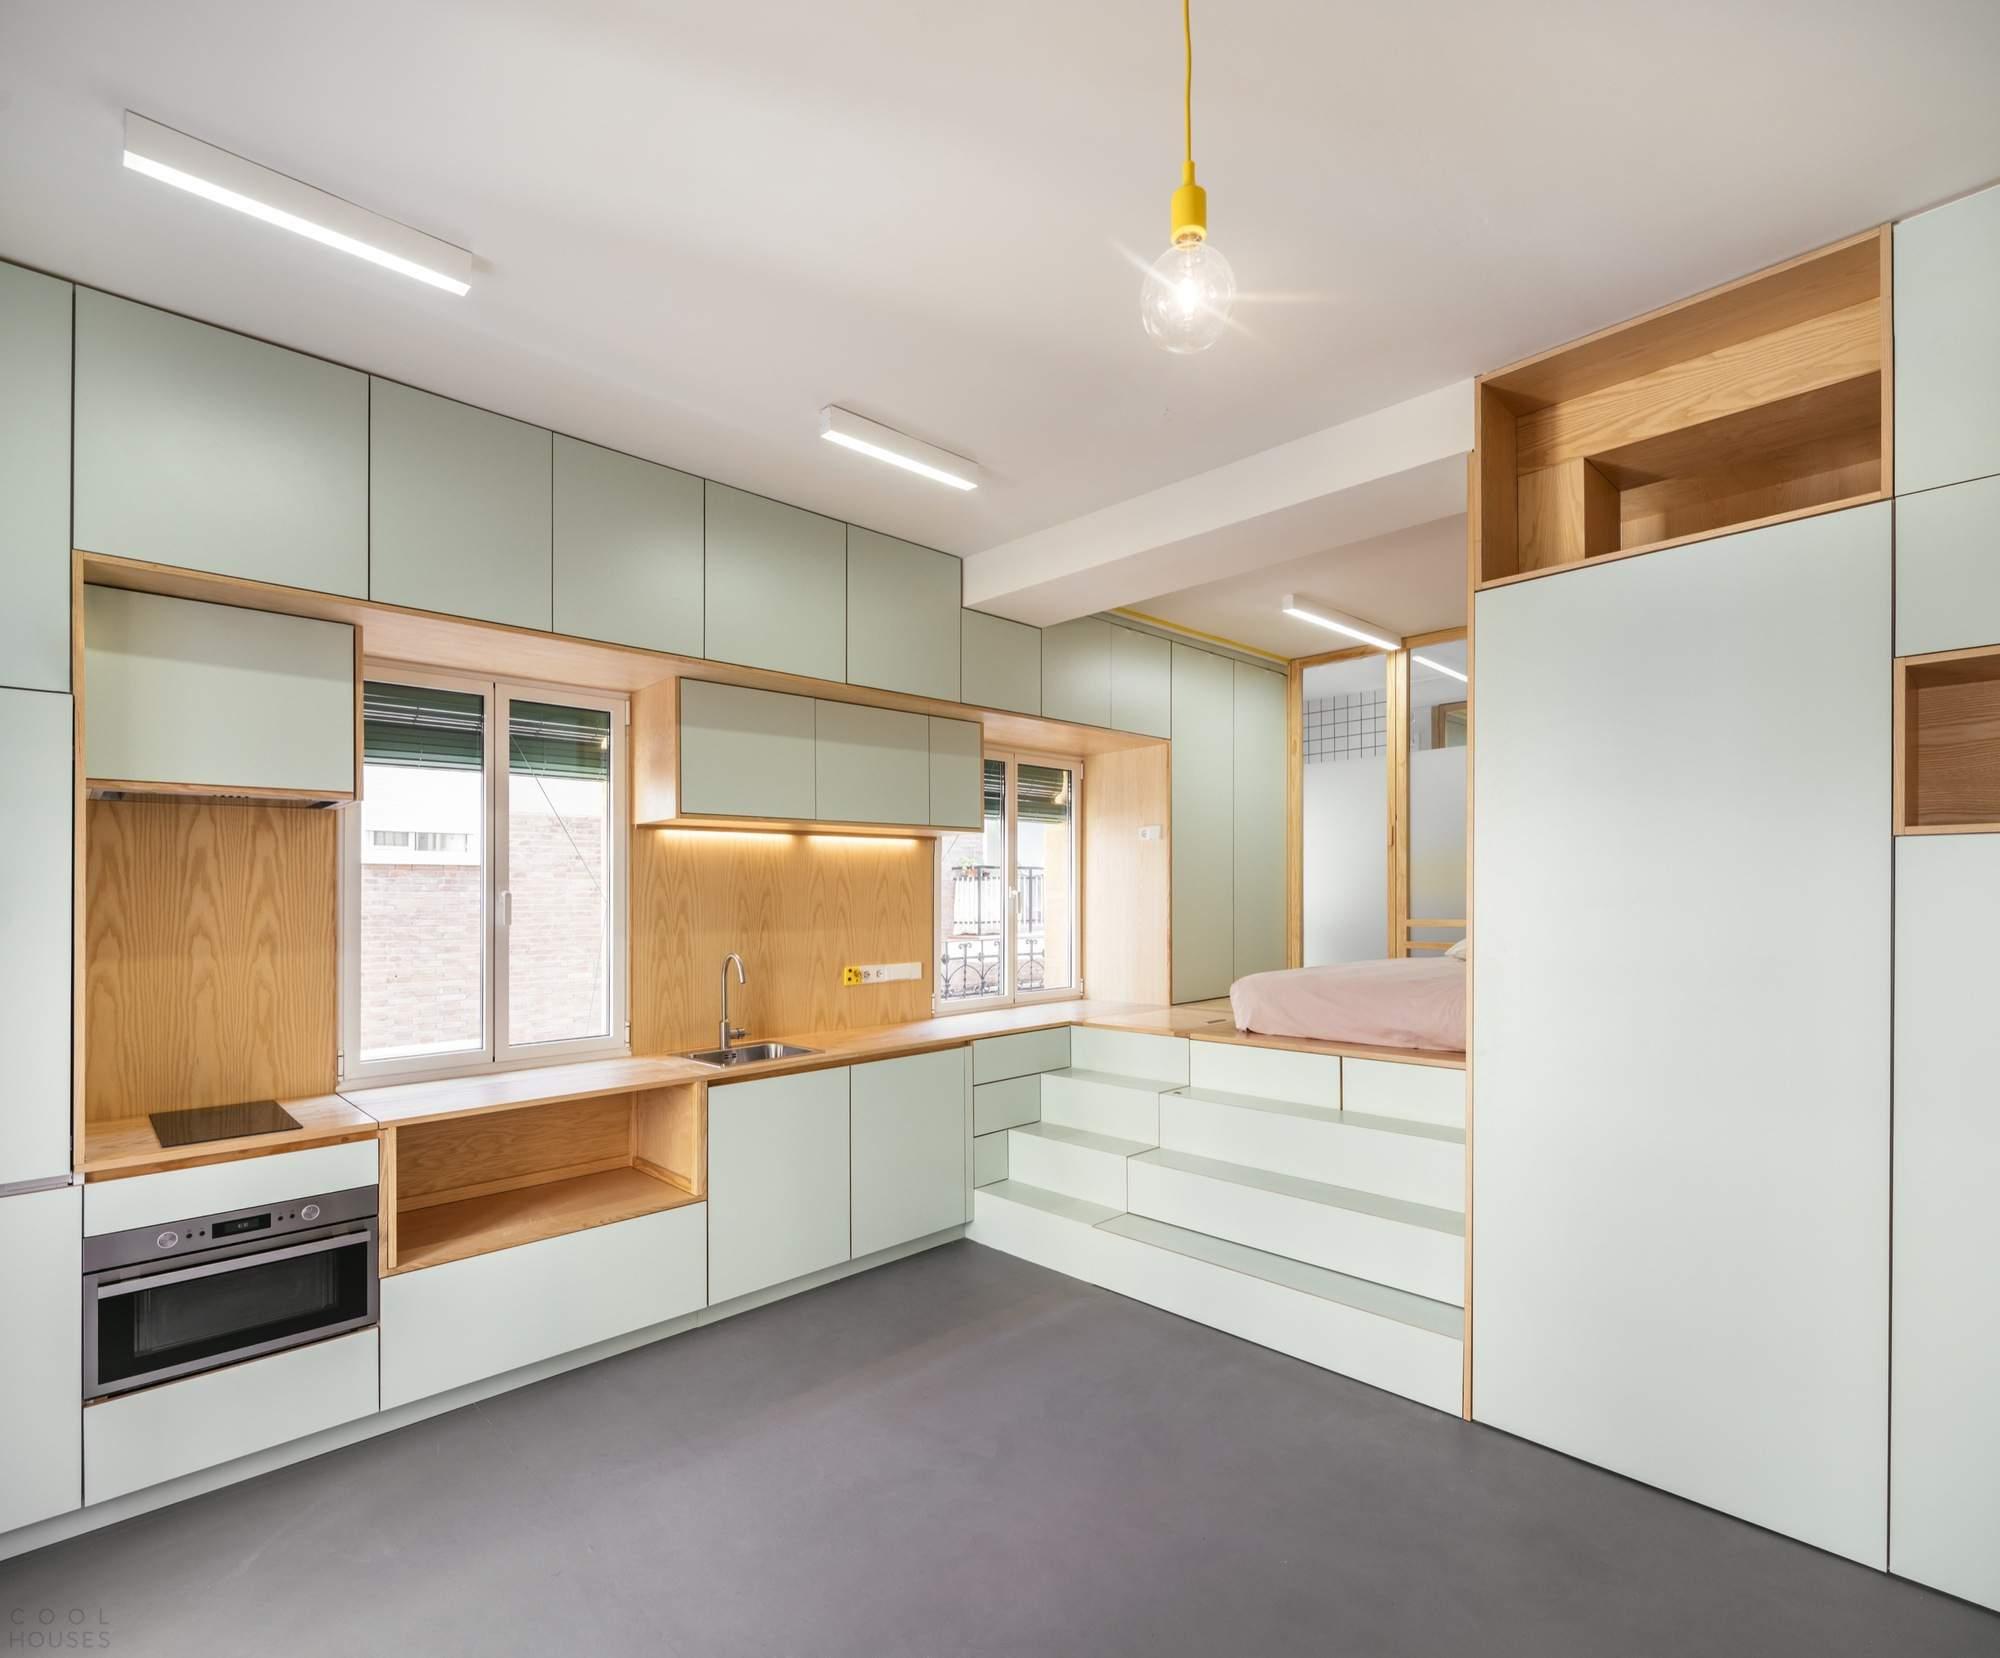 Функциональный дизайн квартиры площадью 33 кв метров